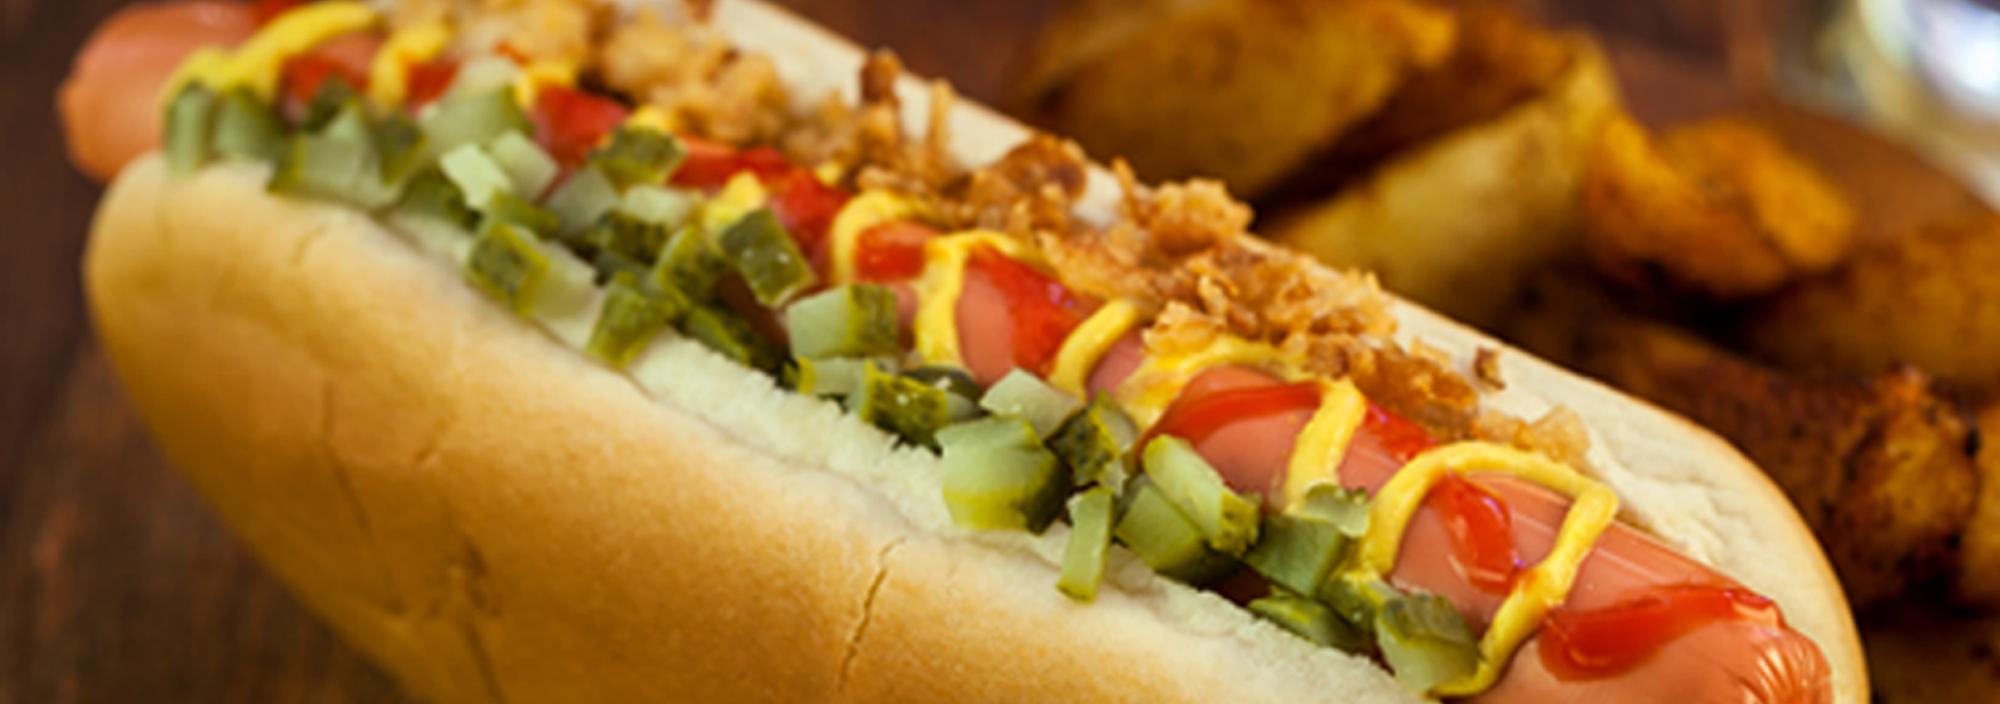 bg_hotdog2000